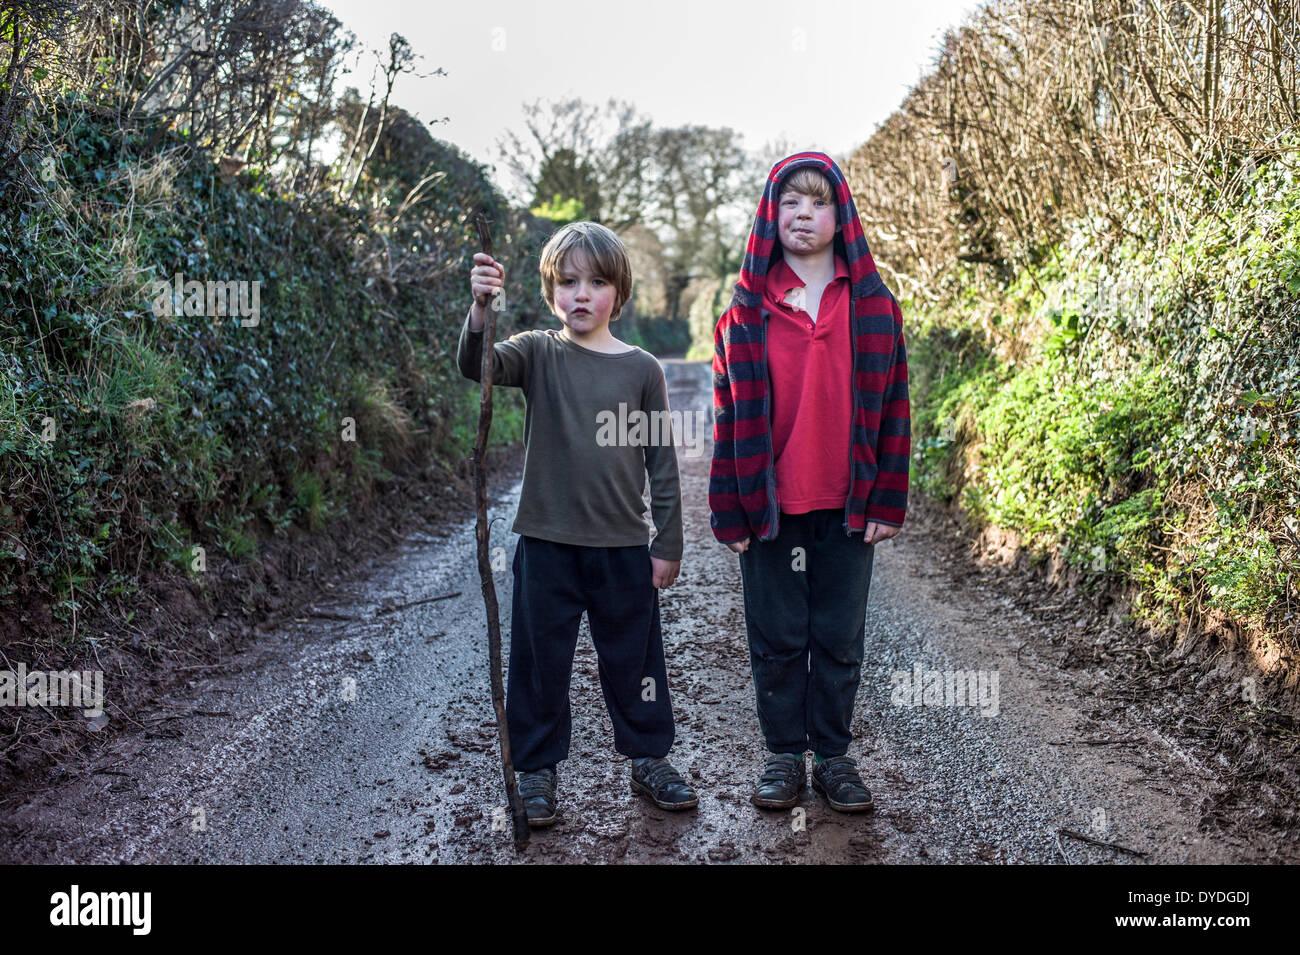 Dos niños en un carril de barro. Imagen De Stock